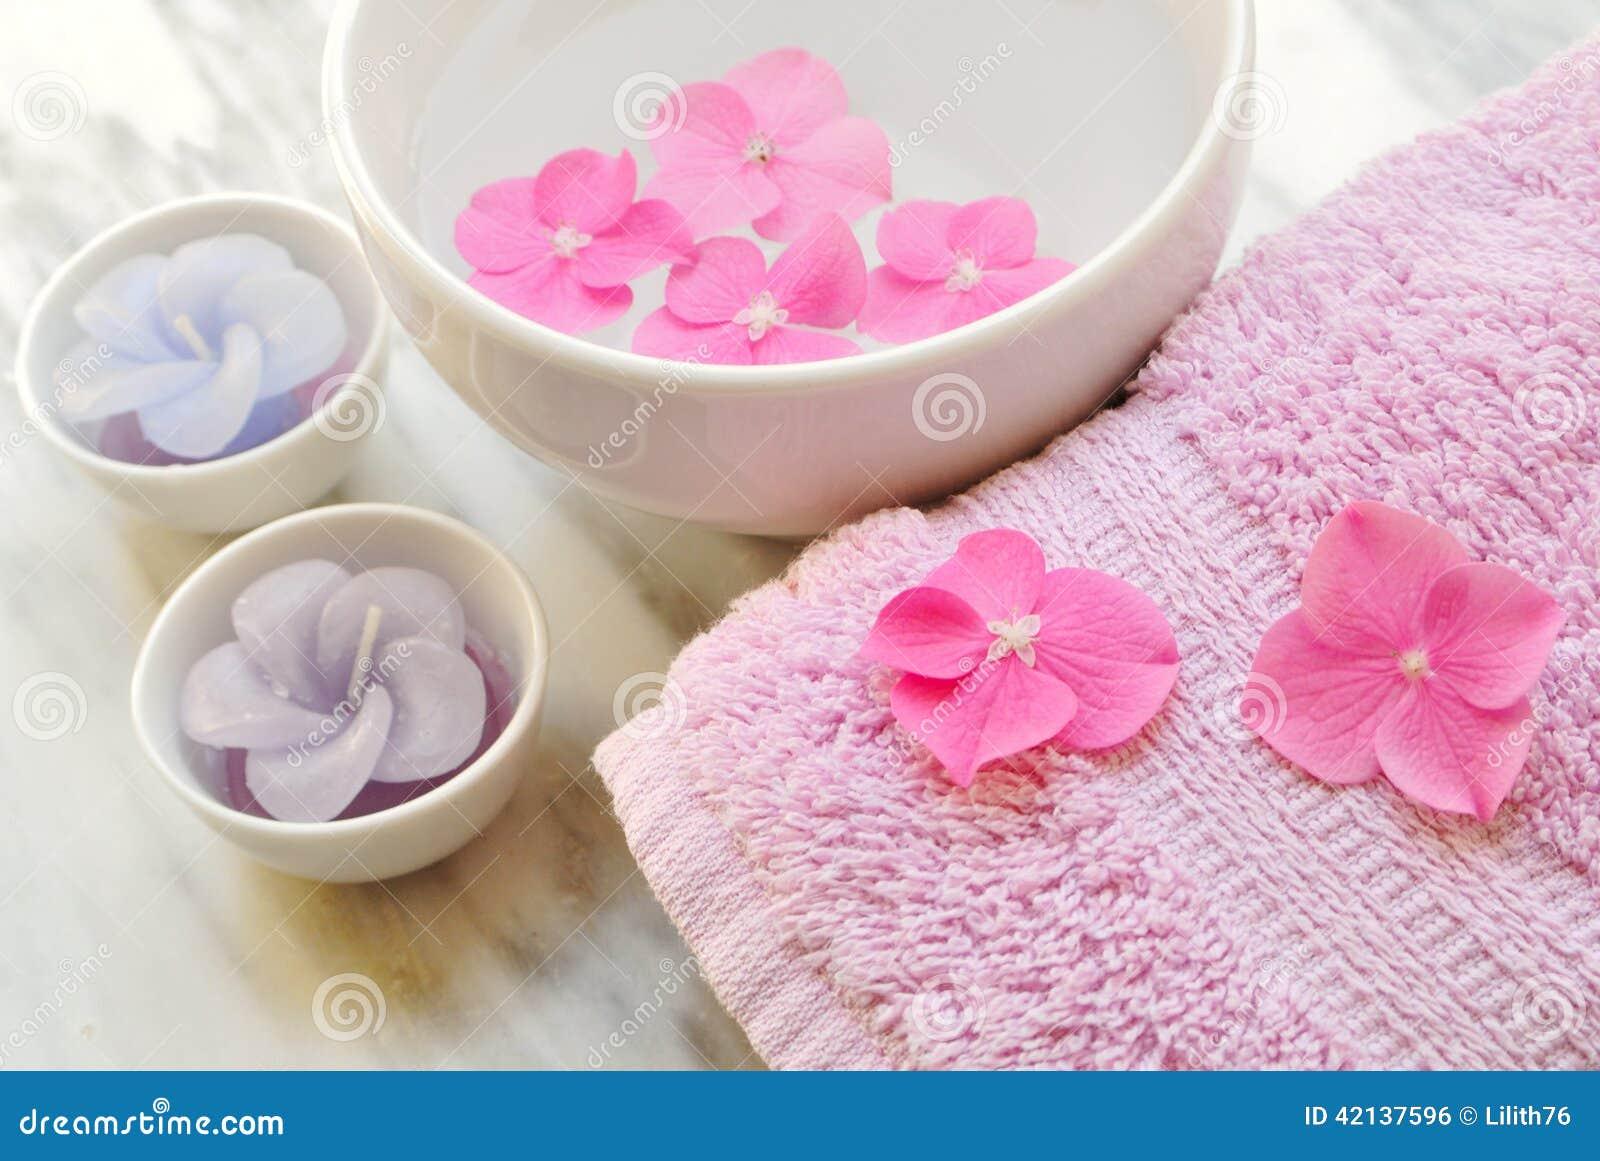 blumen in einem wasser rollen mit einer kerze und einem tuch stockfoto bild 42137596. Black Bedroom Furniture Sets. Home Design Ideas